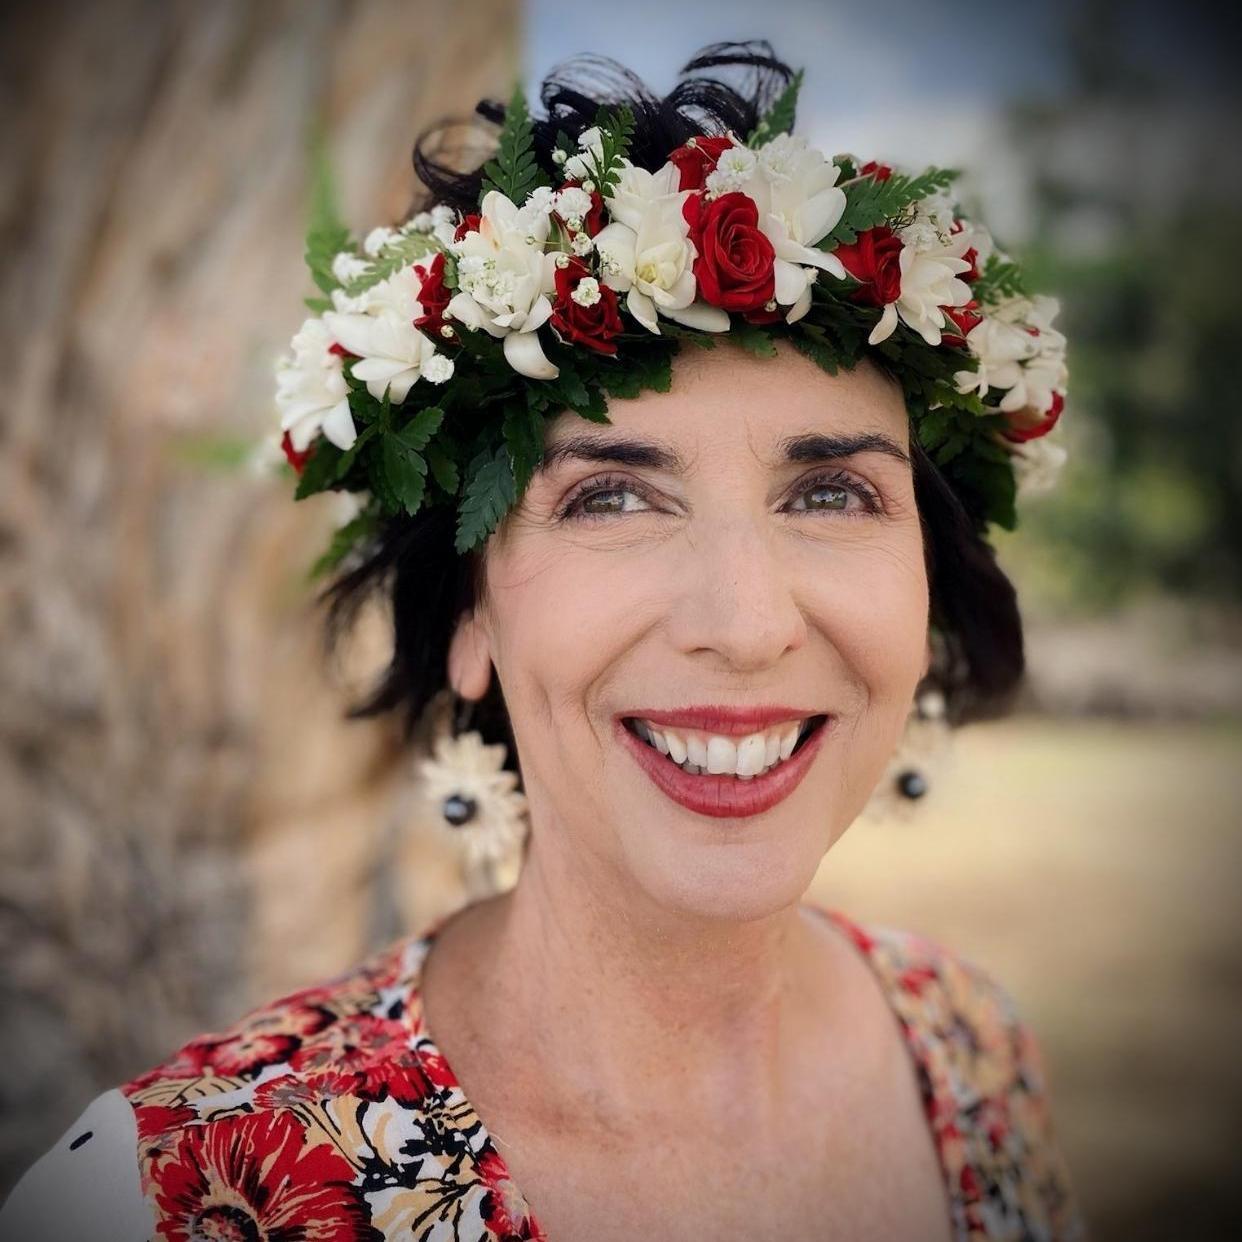 Ms. McJ's Profile Photo